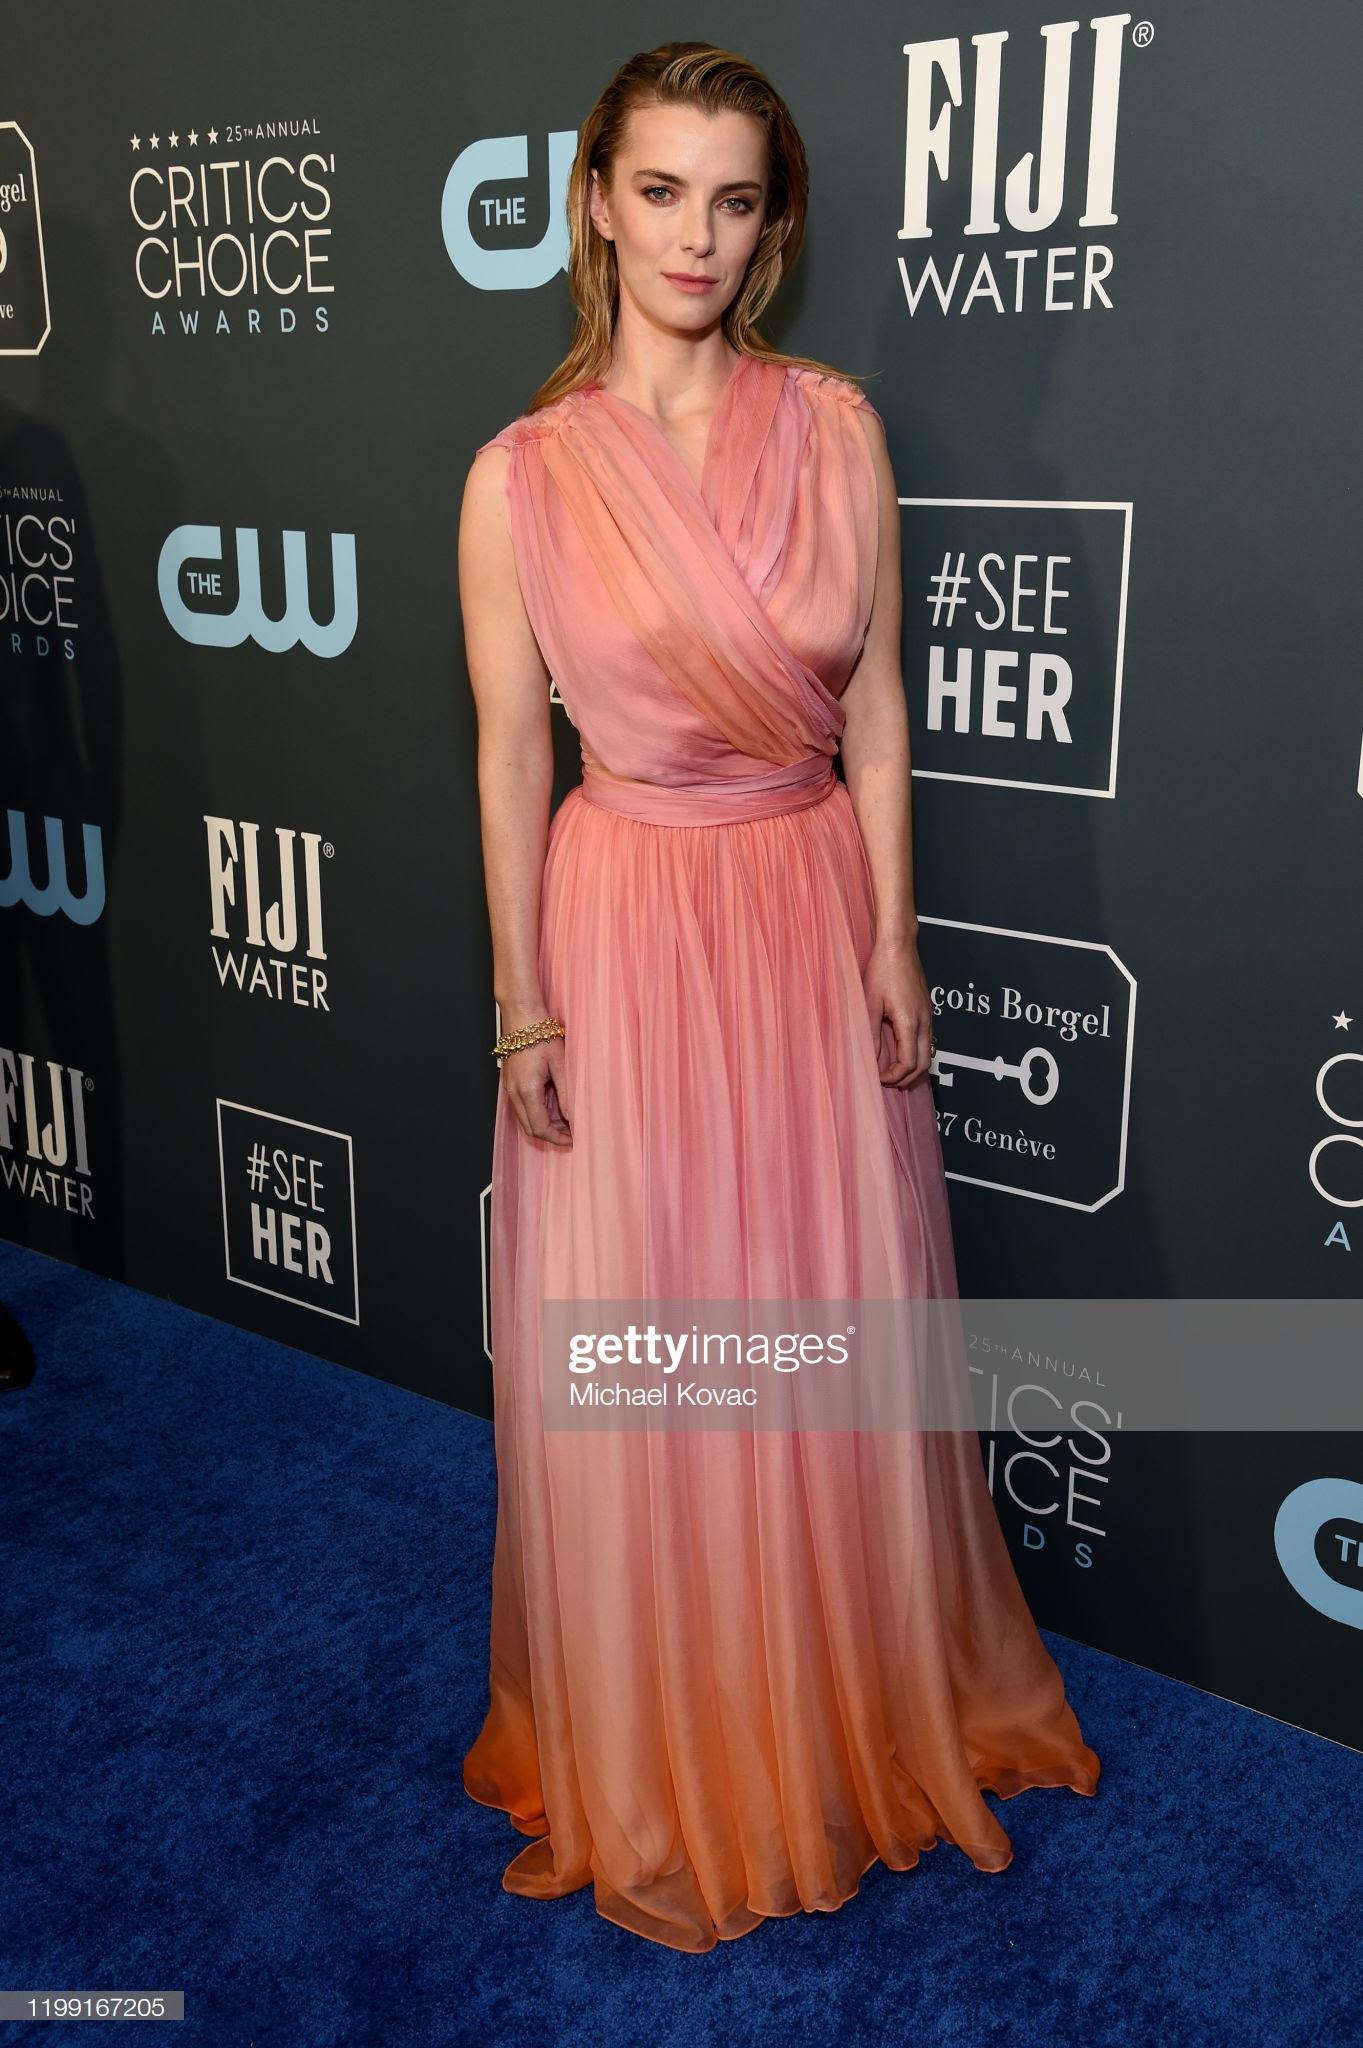 d4c11c4d 9333 418c b2c2 f1ea22f6a186 - Jennifer Lopez y Emily,entre las celebrities que apostaron por Jimmy Choo en los Critics' Choice Awards